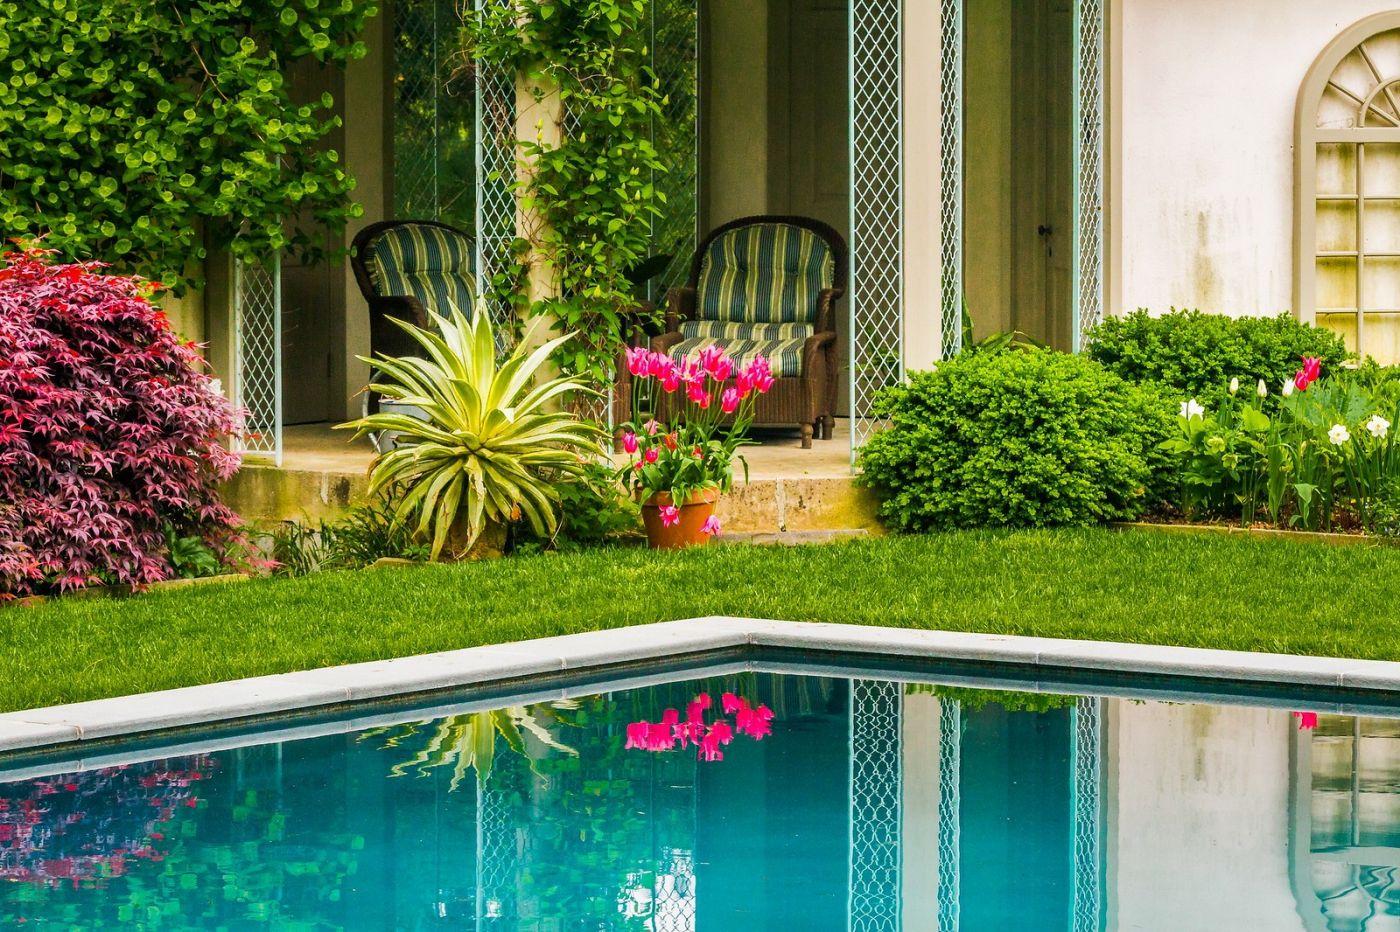 Chanticleer花园,花房泳池_图1-8